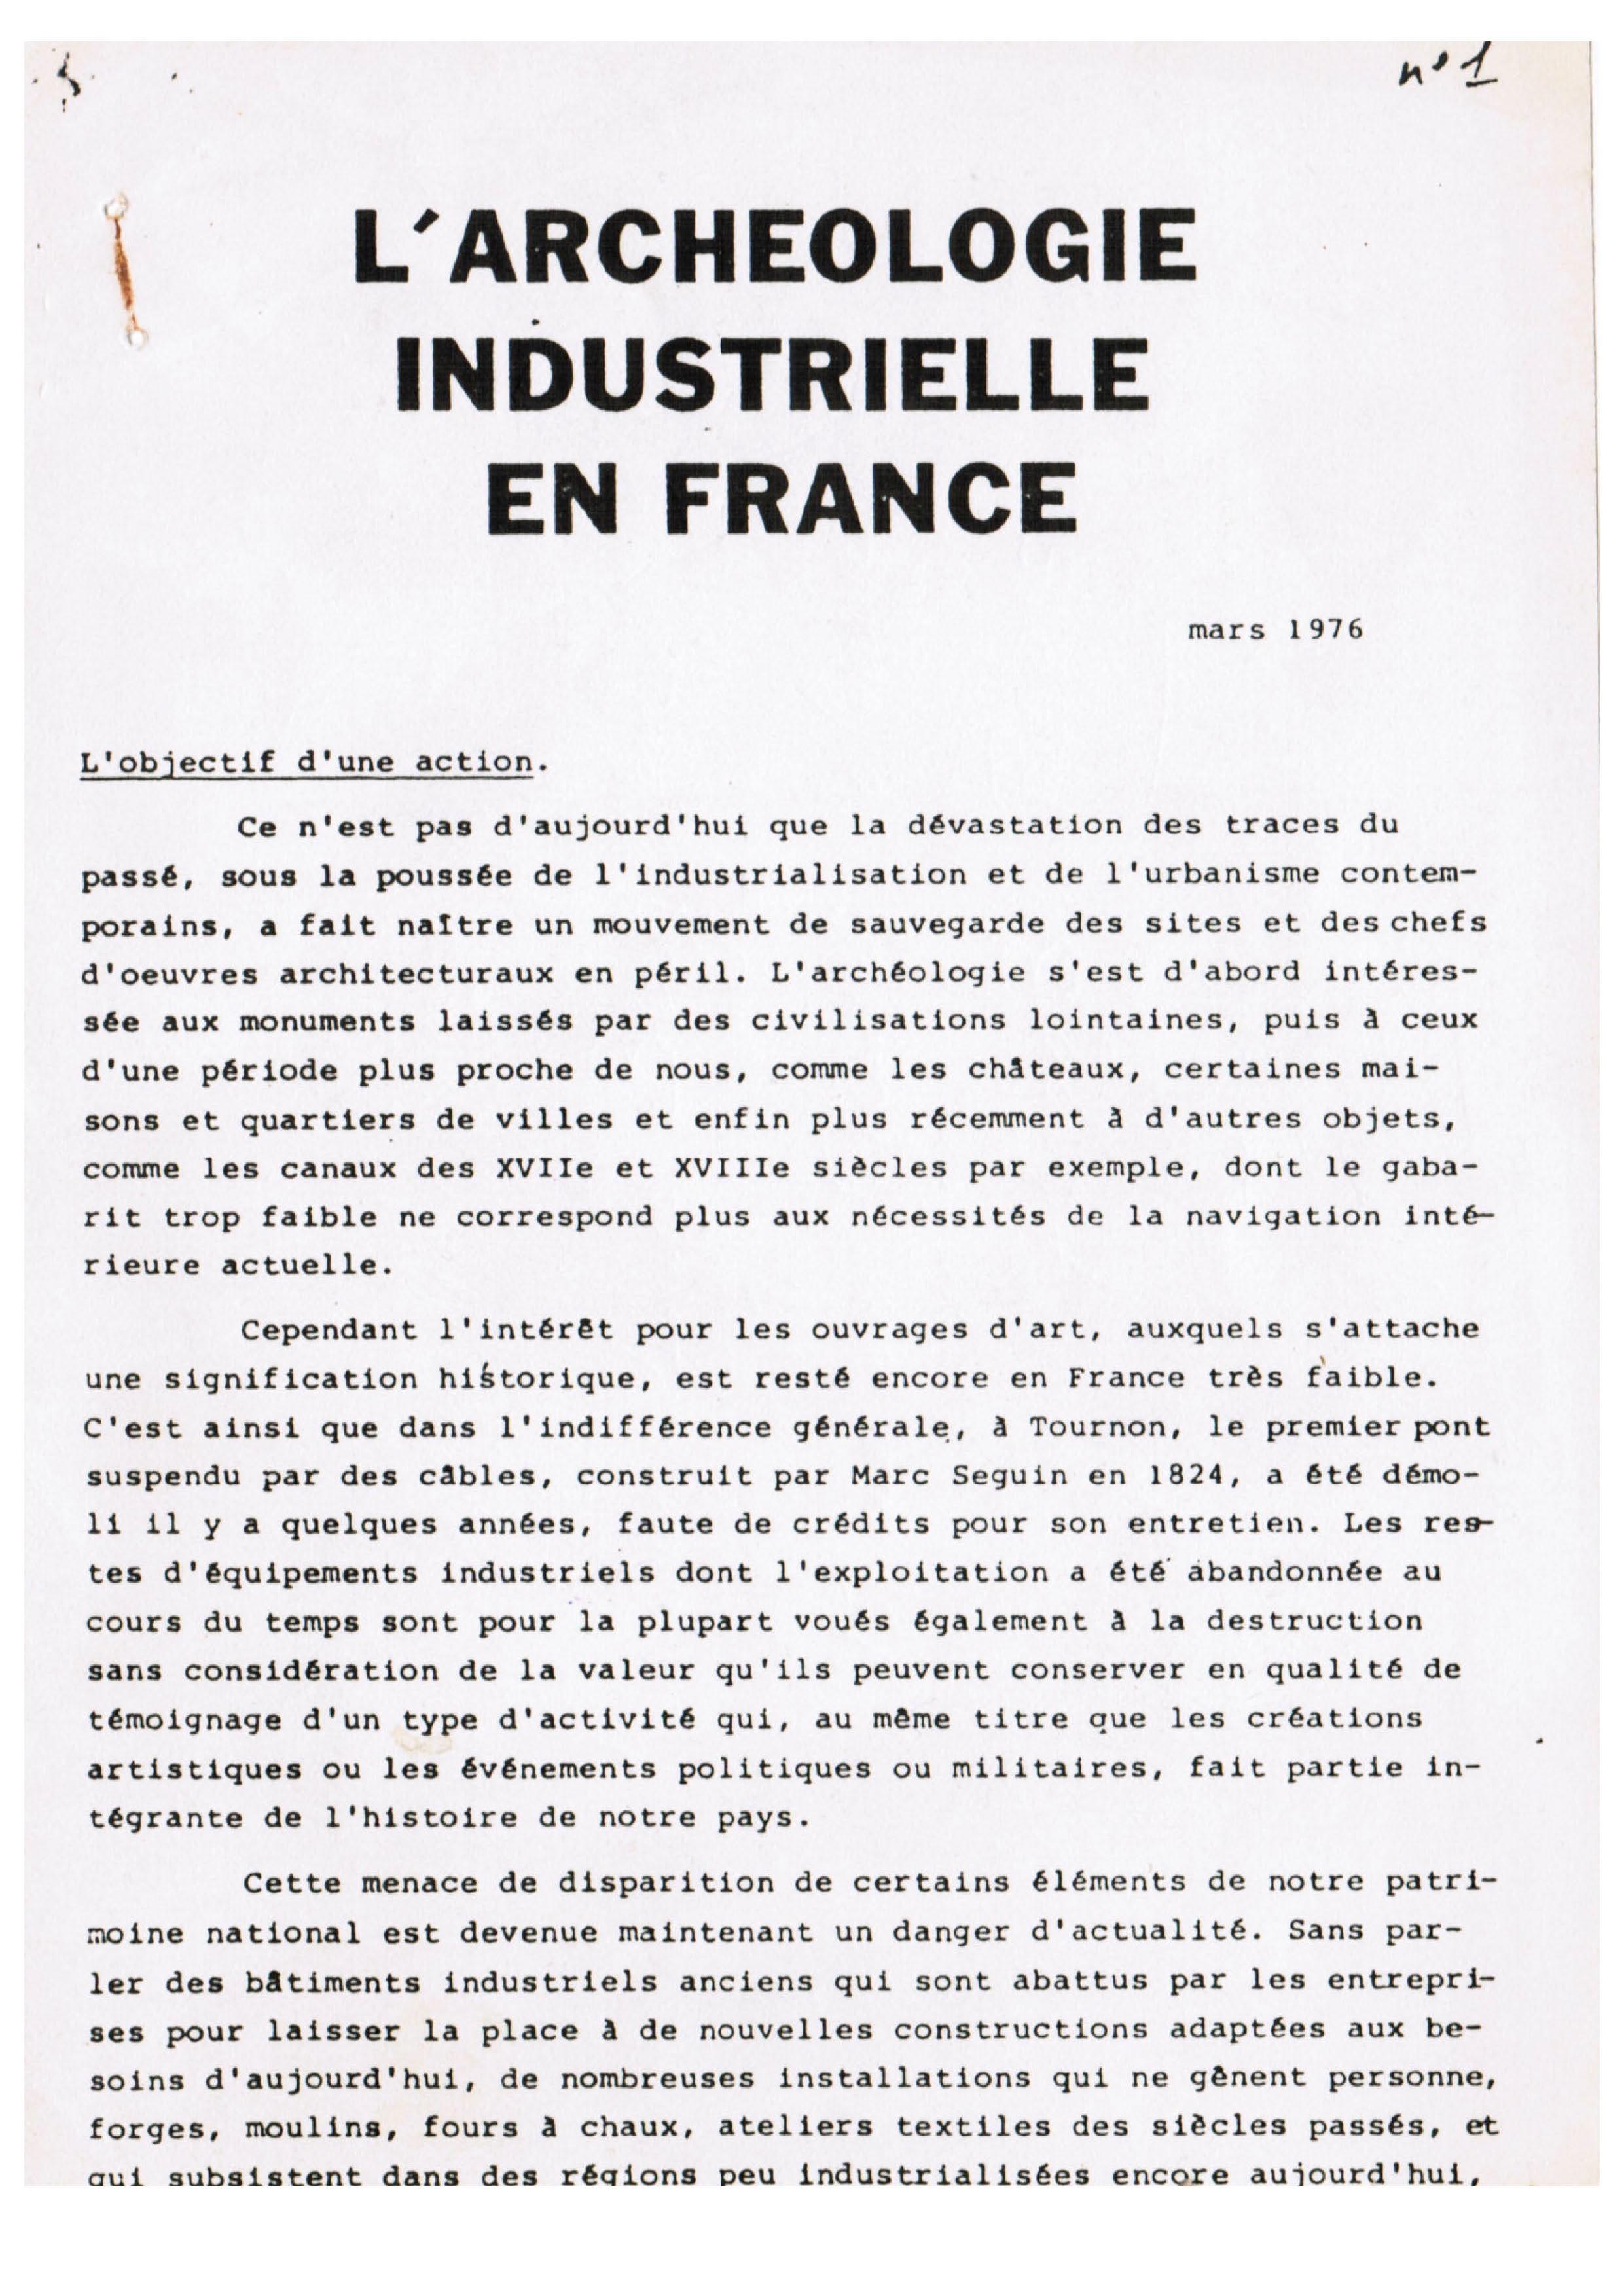 Couverture AIF numéro 01 - mars 1976